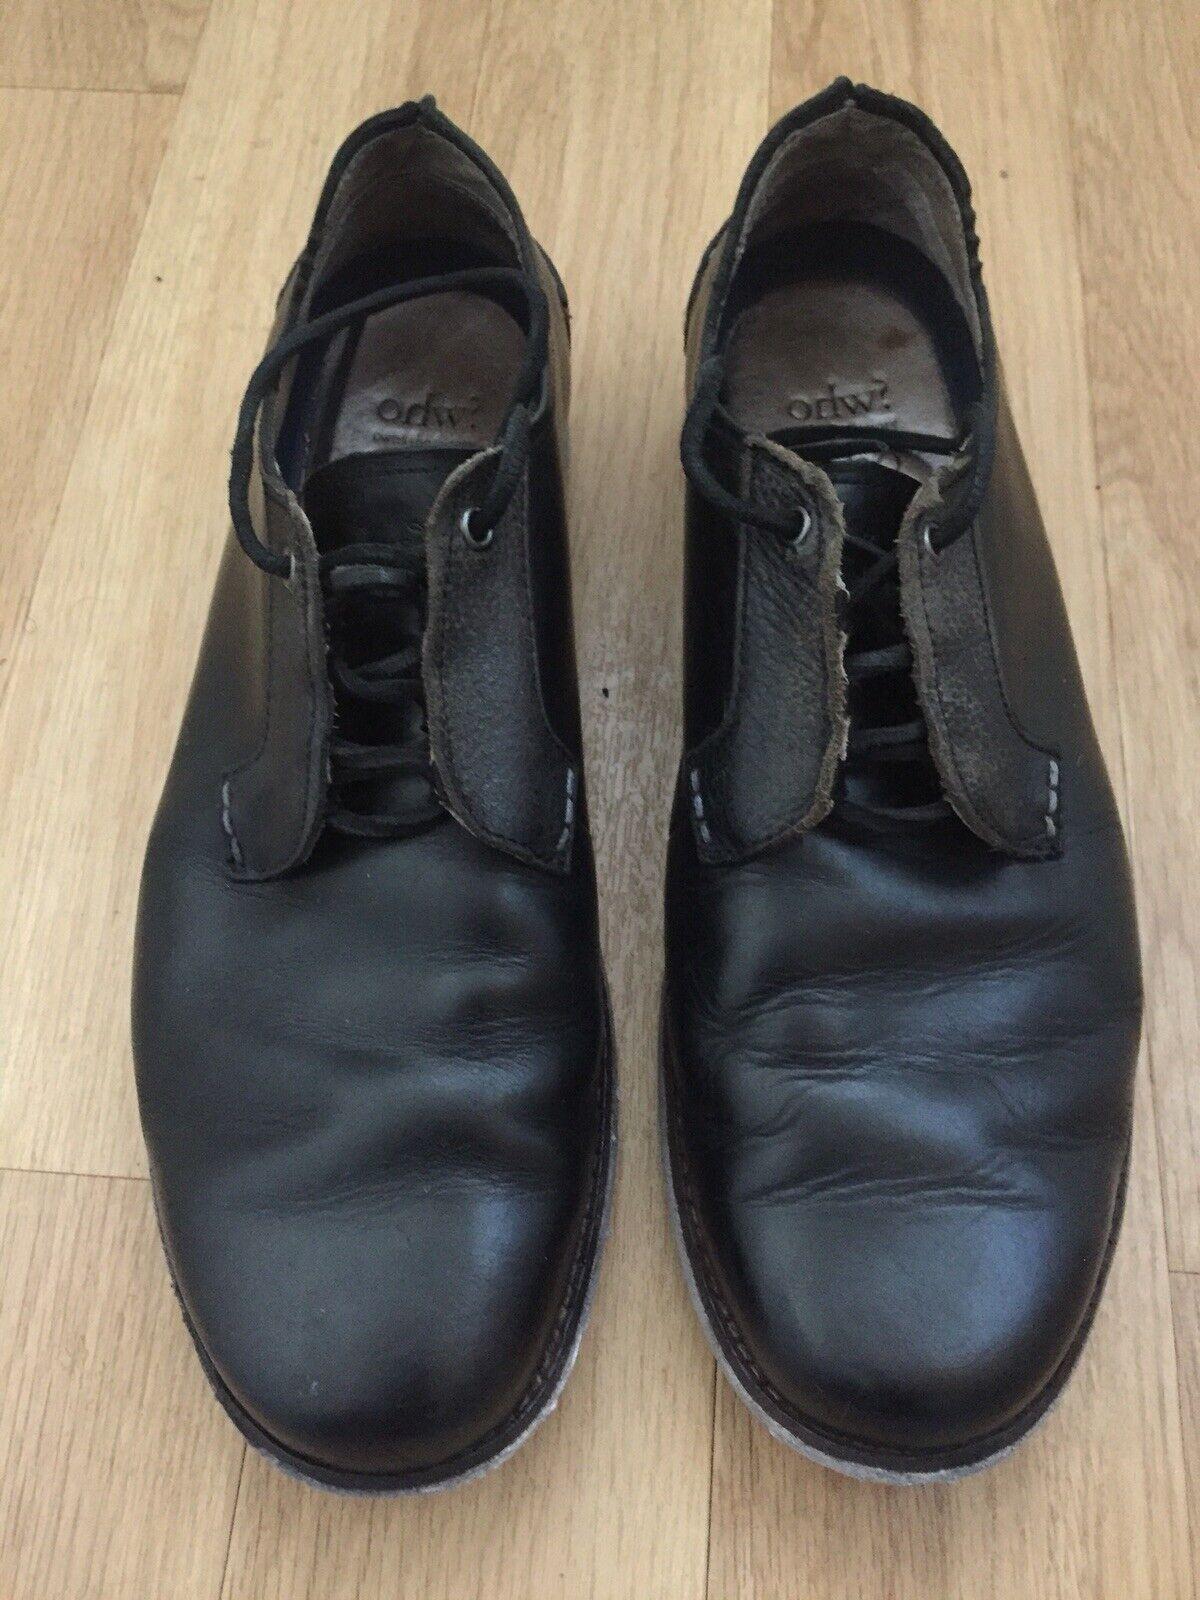 Ohw? Who? Leather Shoes Black Size UK 10